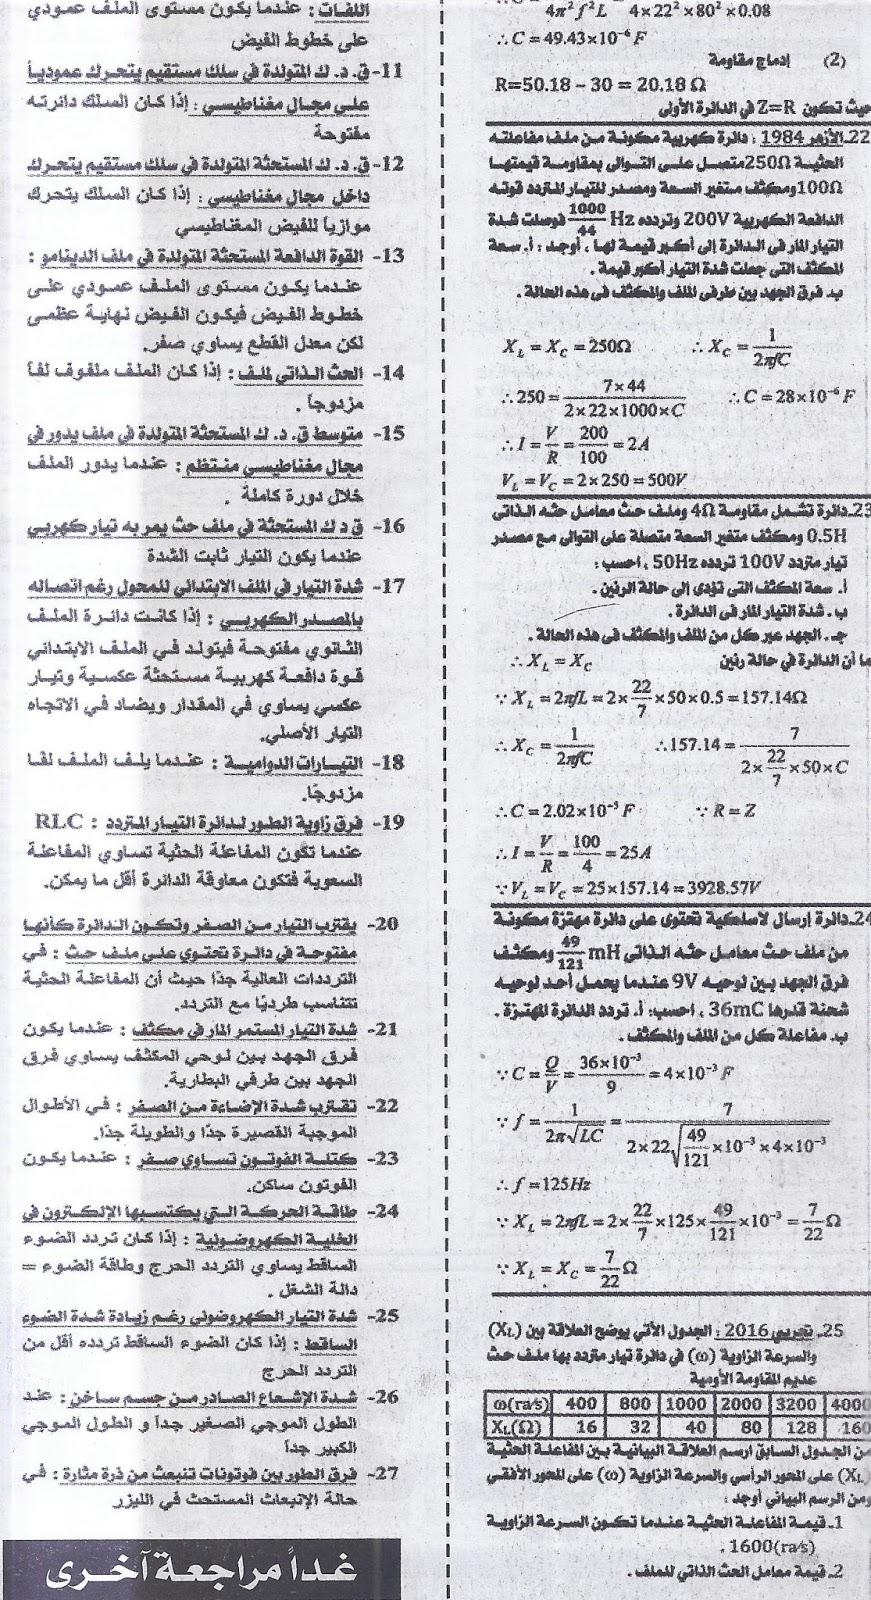 ننشر .. اخر مراجعة لامتحان الفيزياء (عربى ولغات) للثانوية العامة 2016  8